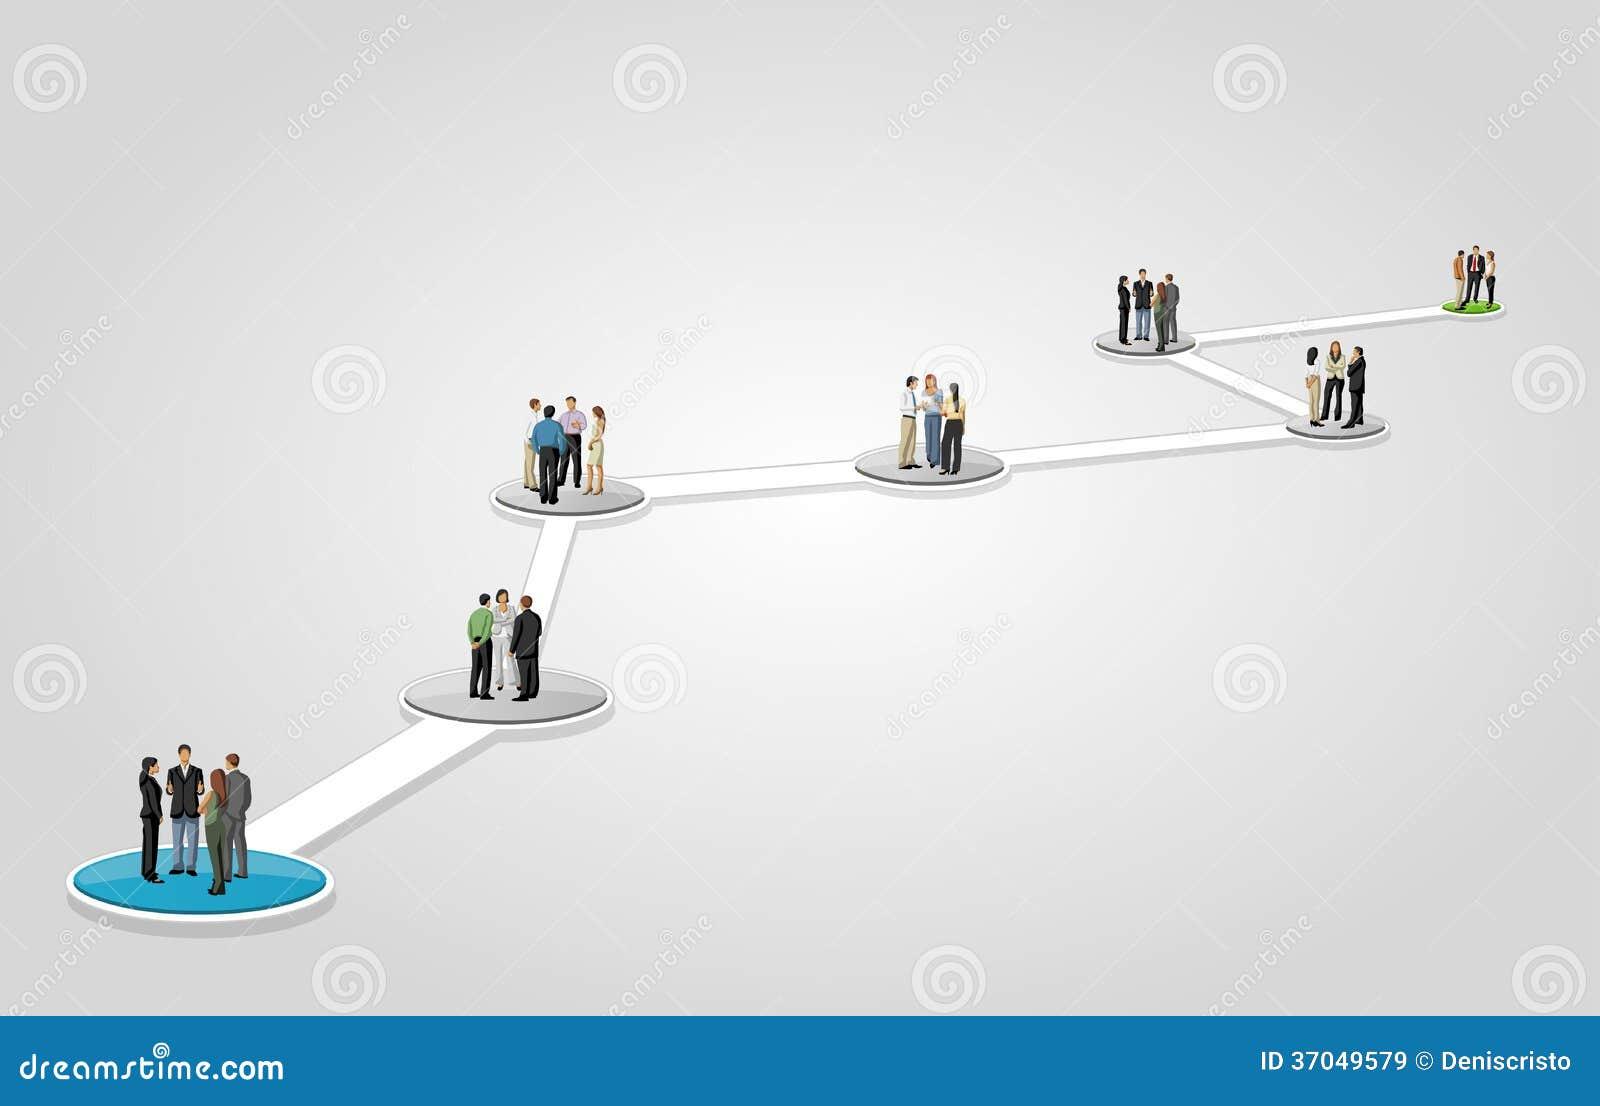 Hombres de negocios en flujo de trabajo